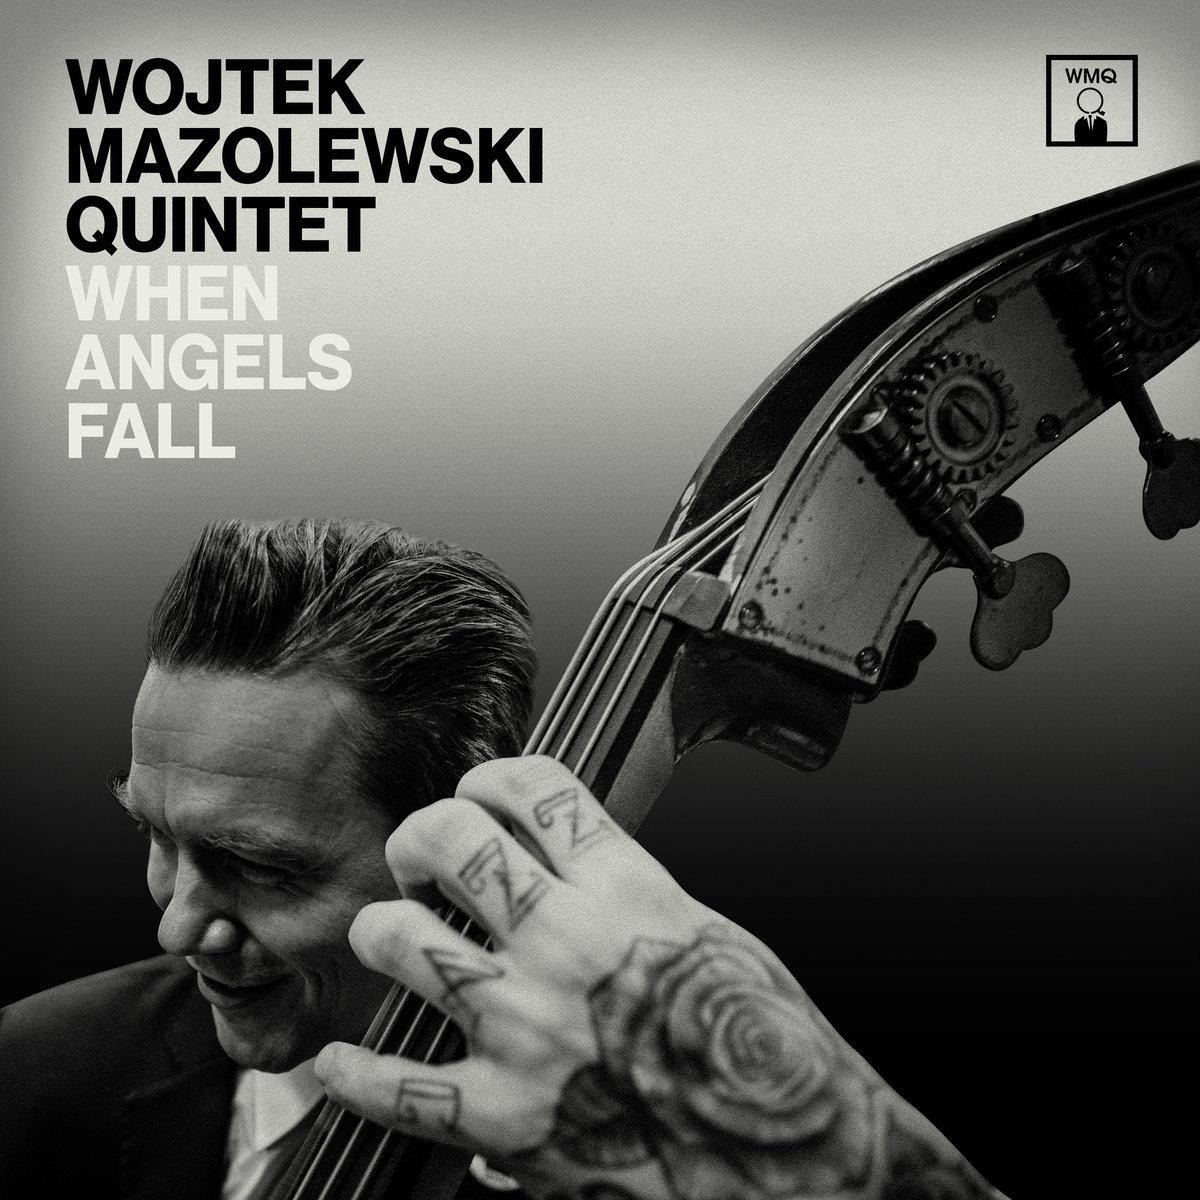 WOJTEK MAZOLEWSKI - Wojtek Mazolewski Quintet : When Angels Fall cover